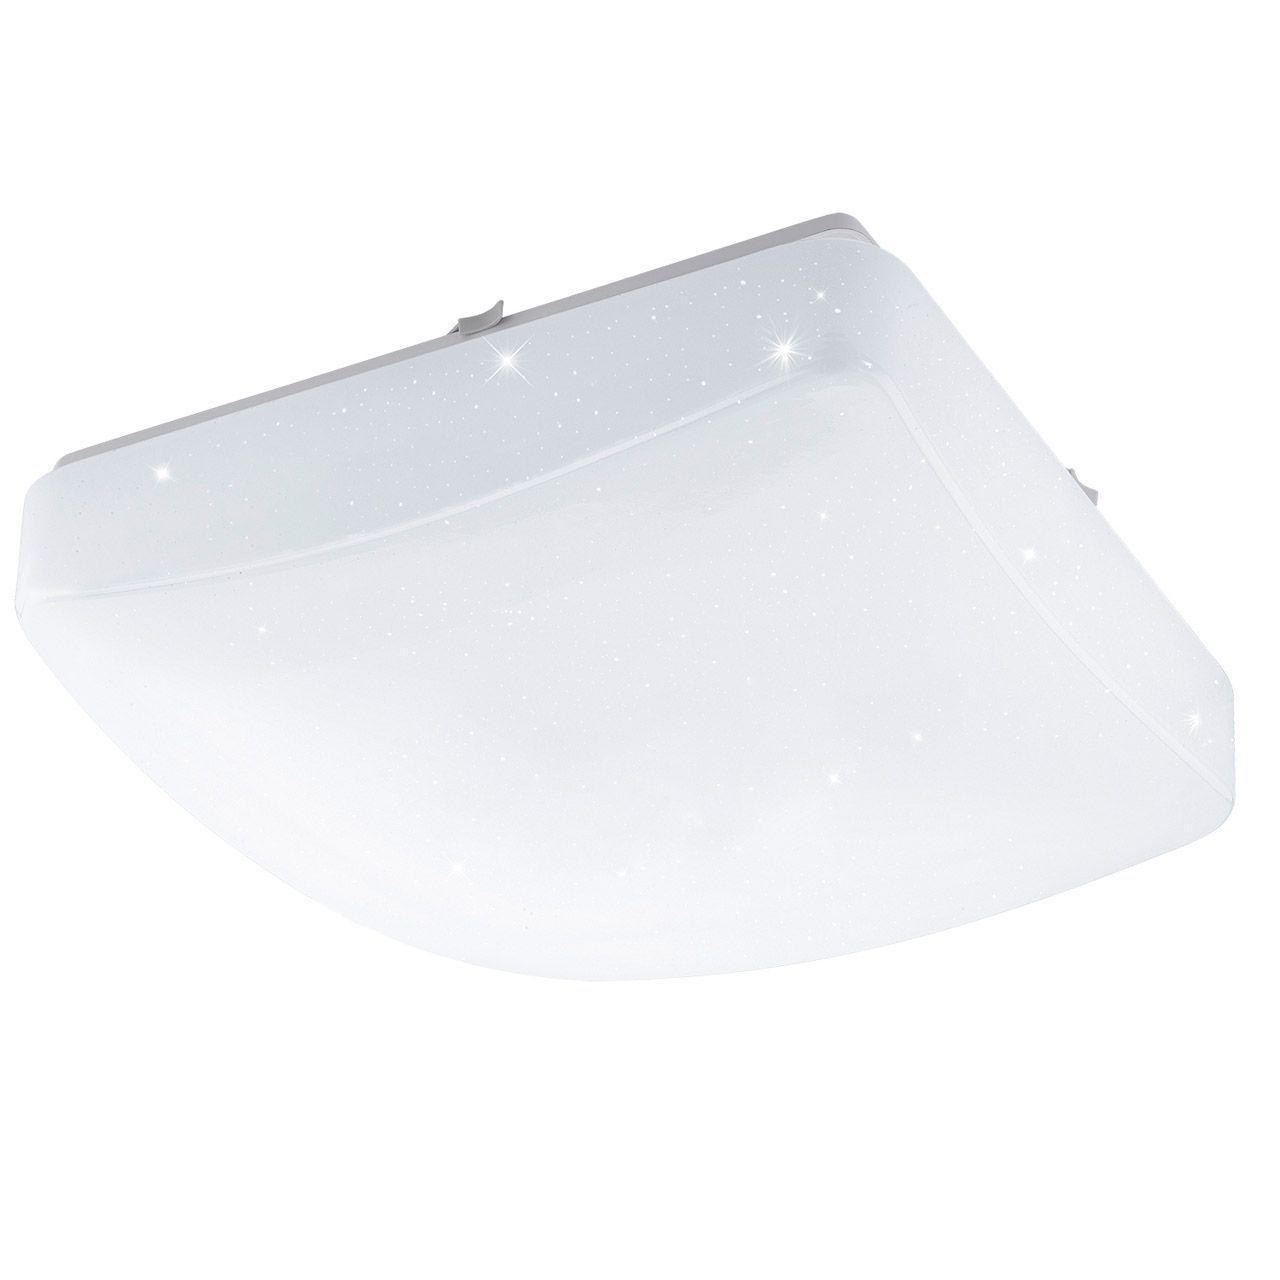 цена на Потолочный светодиодный светильник Eglo Giron S 96029